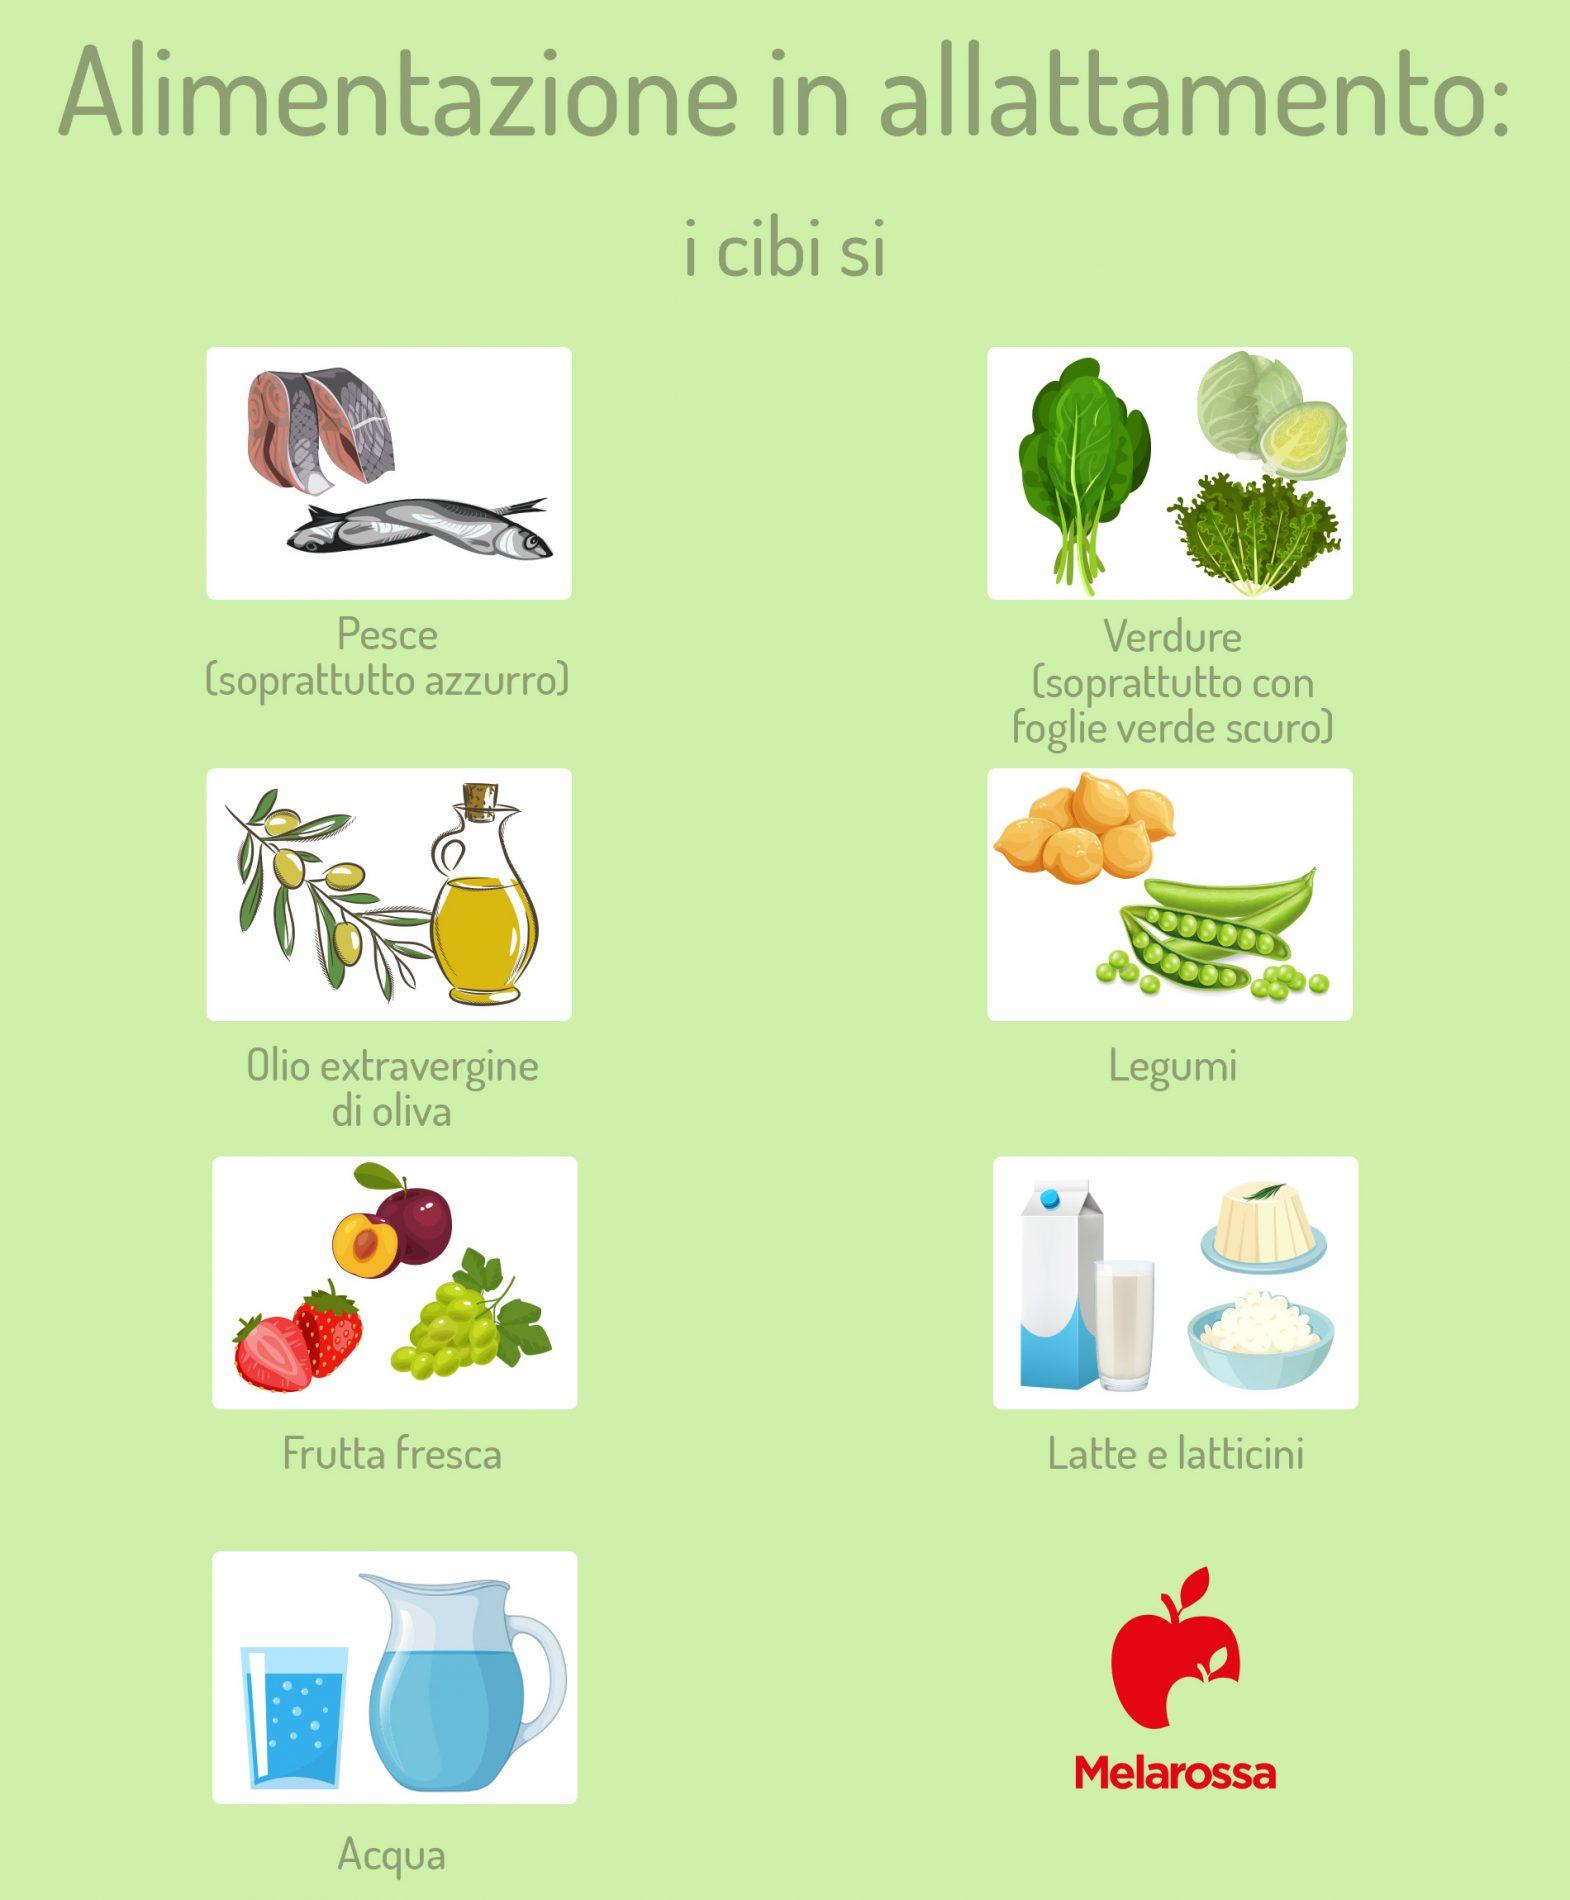 dieta in allattamento: cosa mangiare